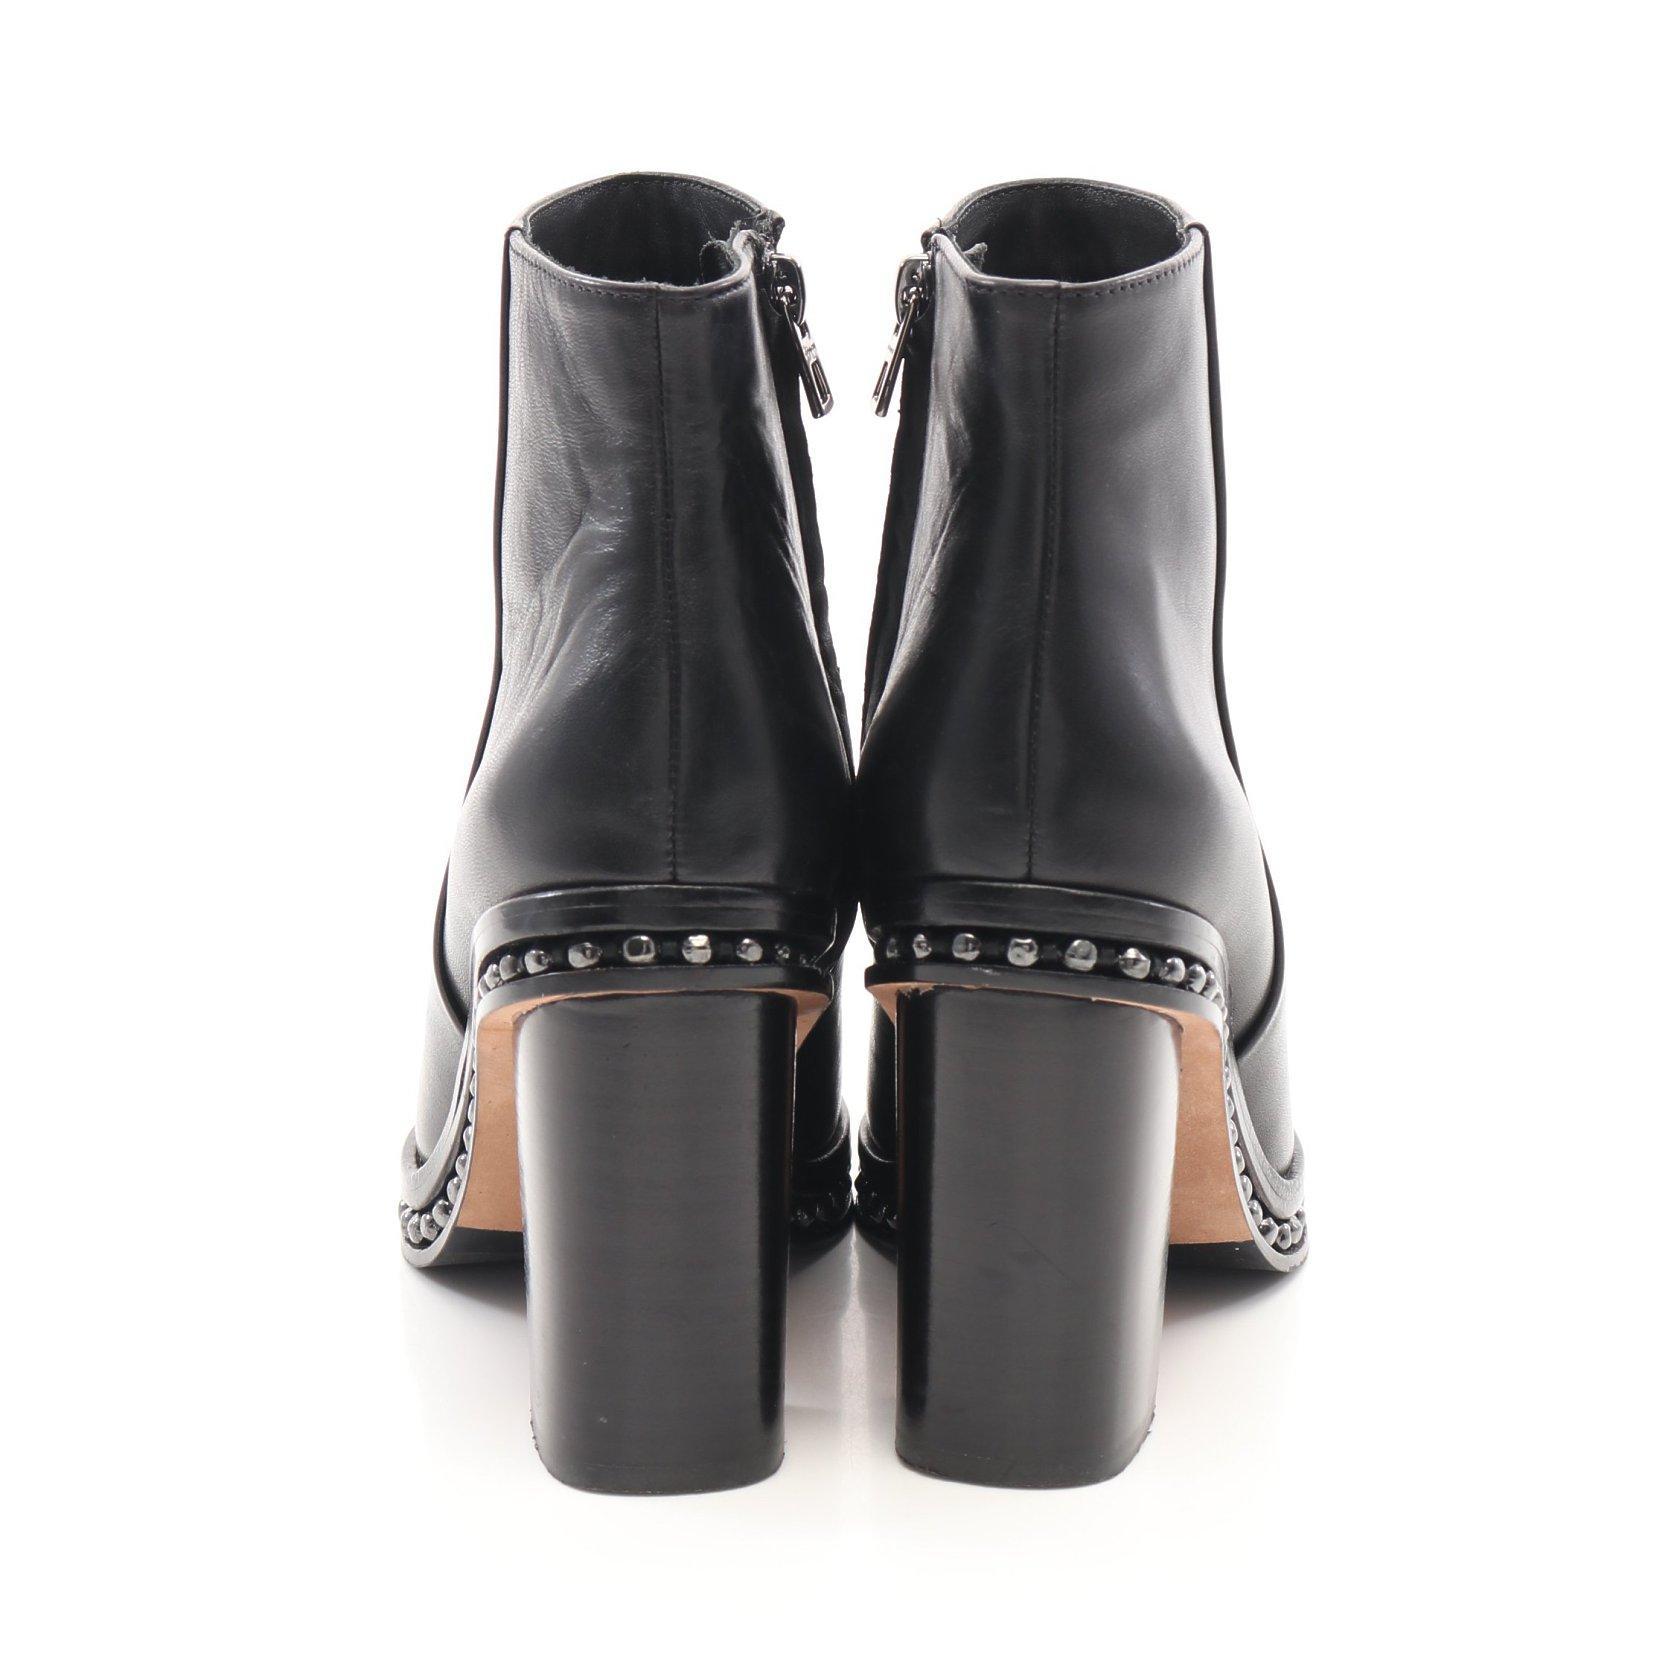 COACH・シューズ・JUSTINA BEAD CHAIN BOOTIE ショート ブーツ レザー ブラック